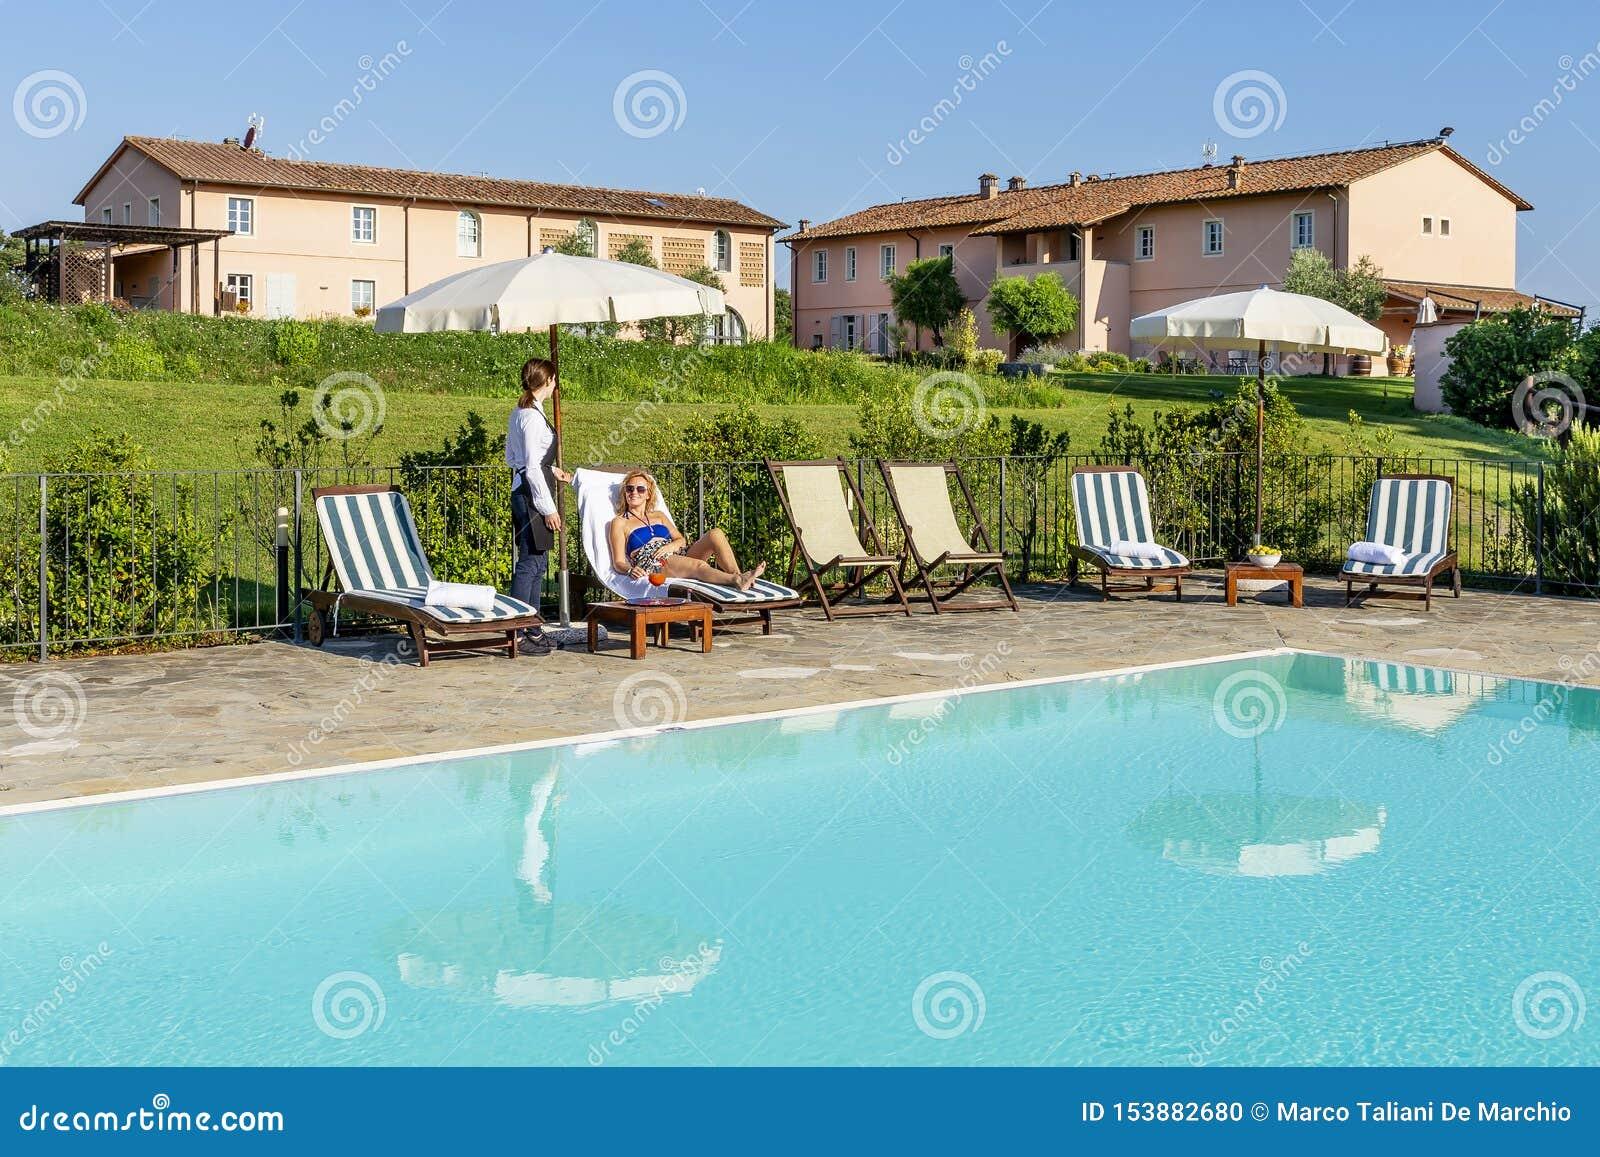 Den unga servitrins tjänar som en poolsidecoctail till en kund som sitter på en dagdrivare i en semesterort i bygden av Pisa, Ita